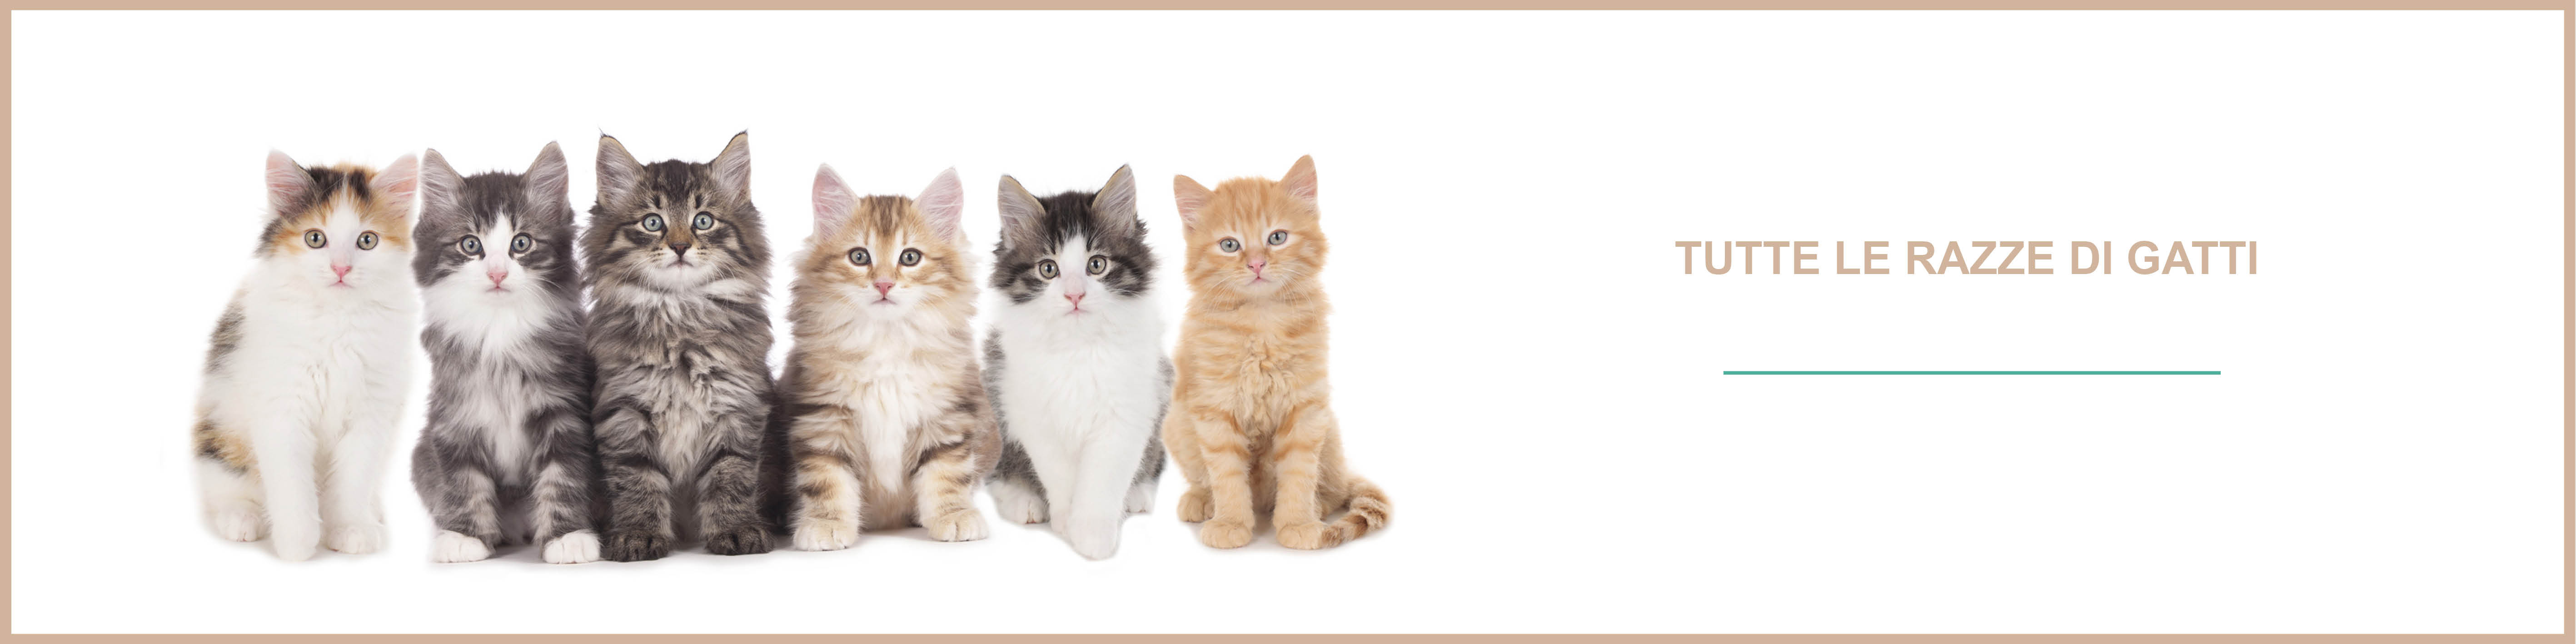 Tutte le razze di gatti e tutte le razze dei gatti